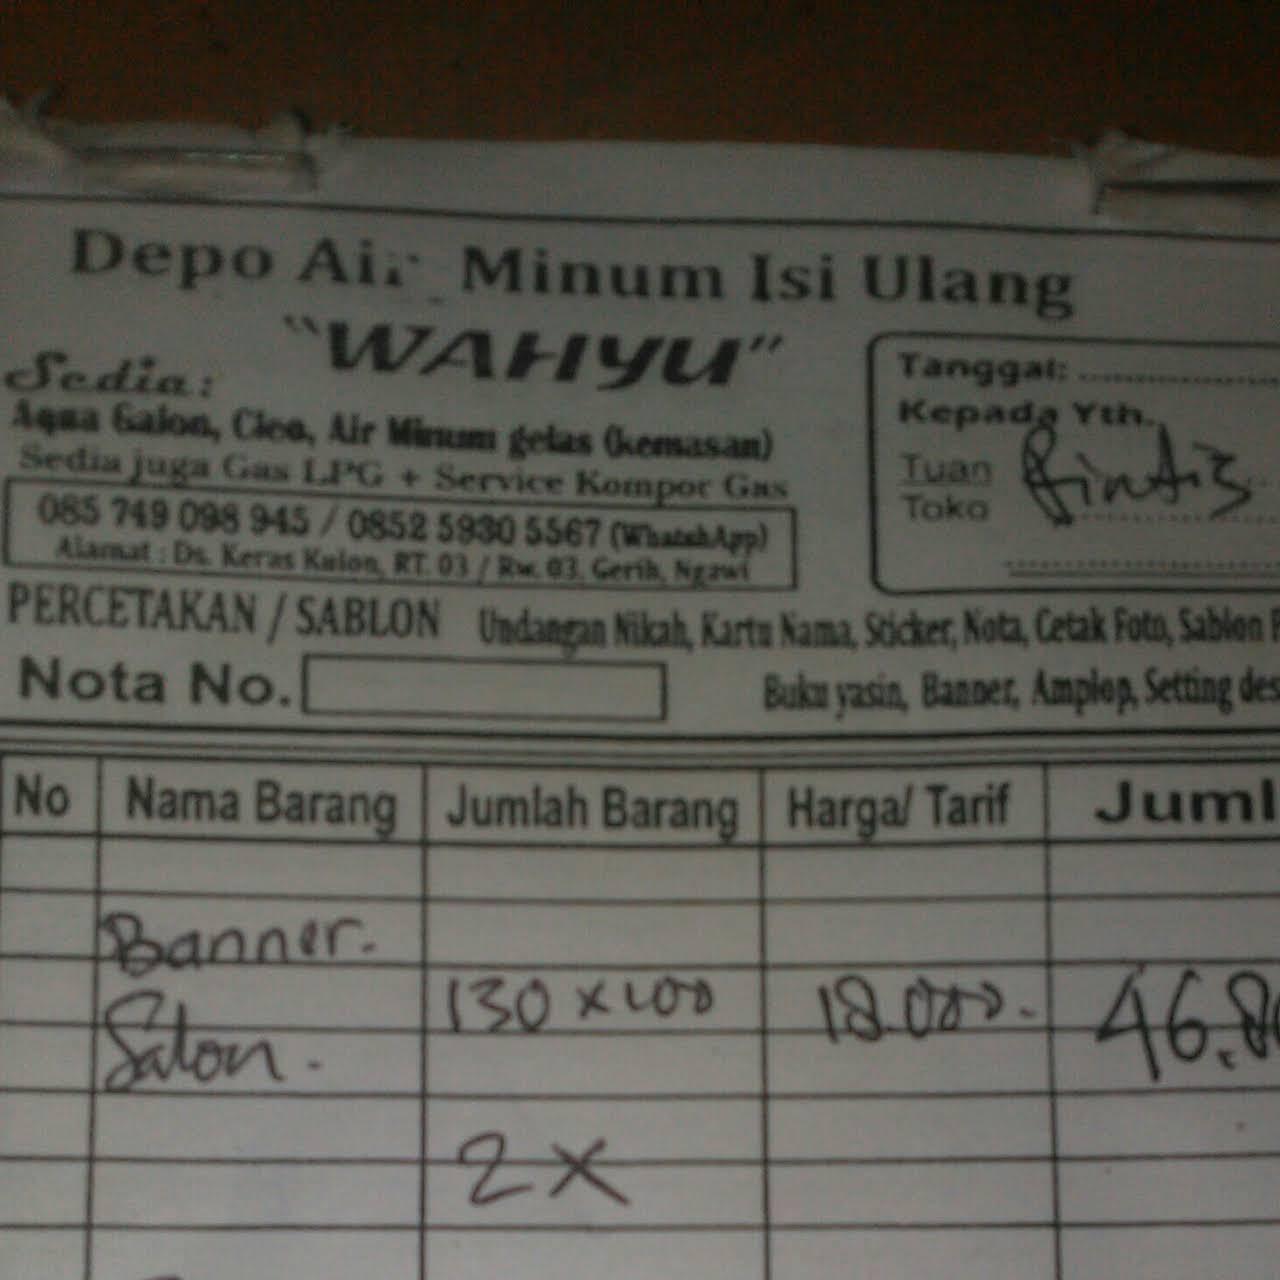 Depot Air Minum Isi Ulang Wahyu Keraskulon Bottled Water